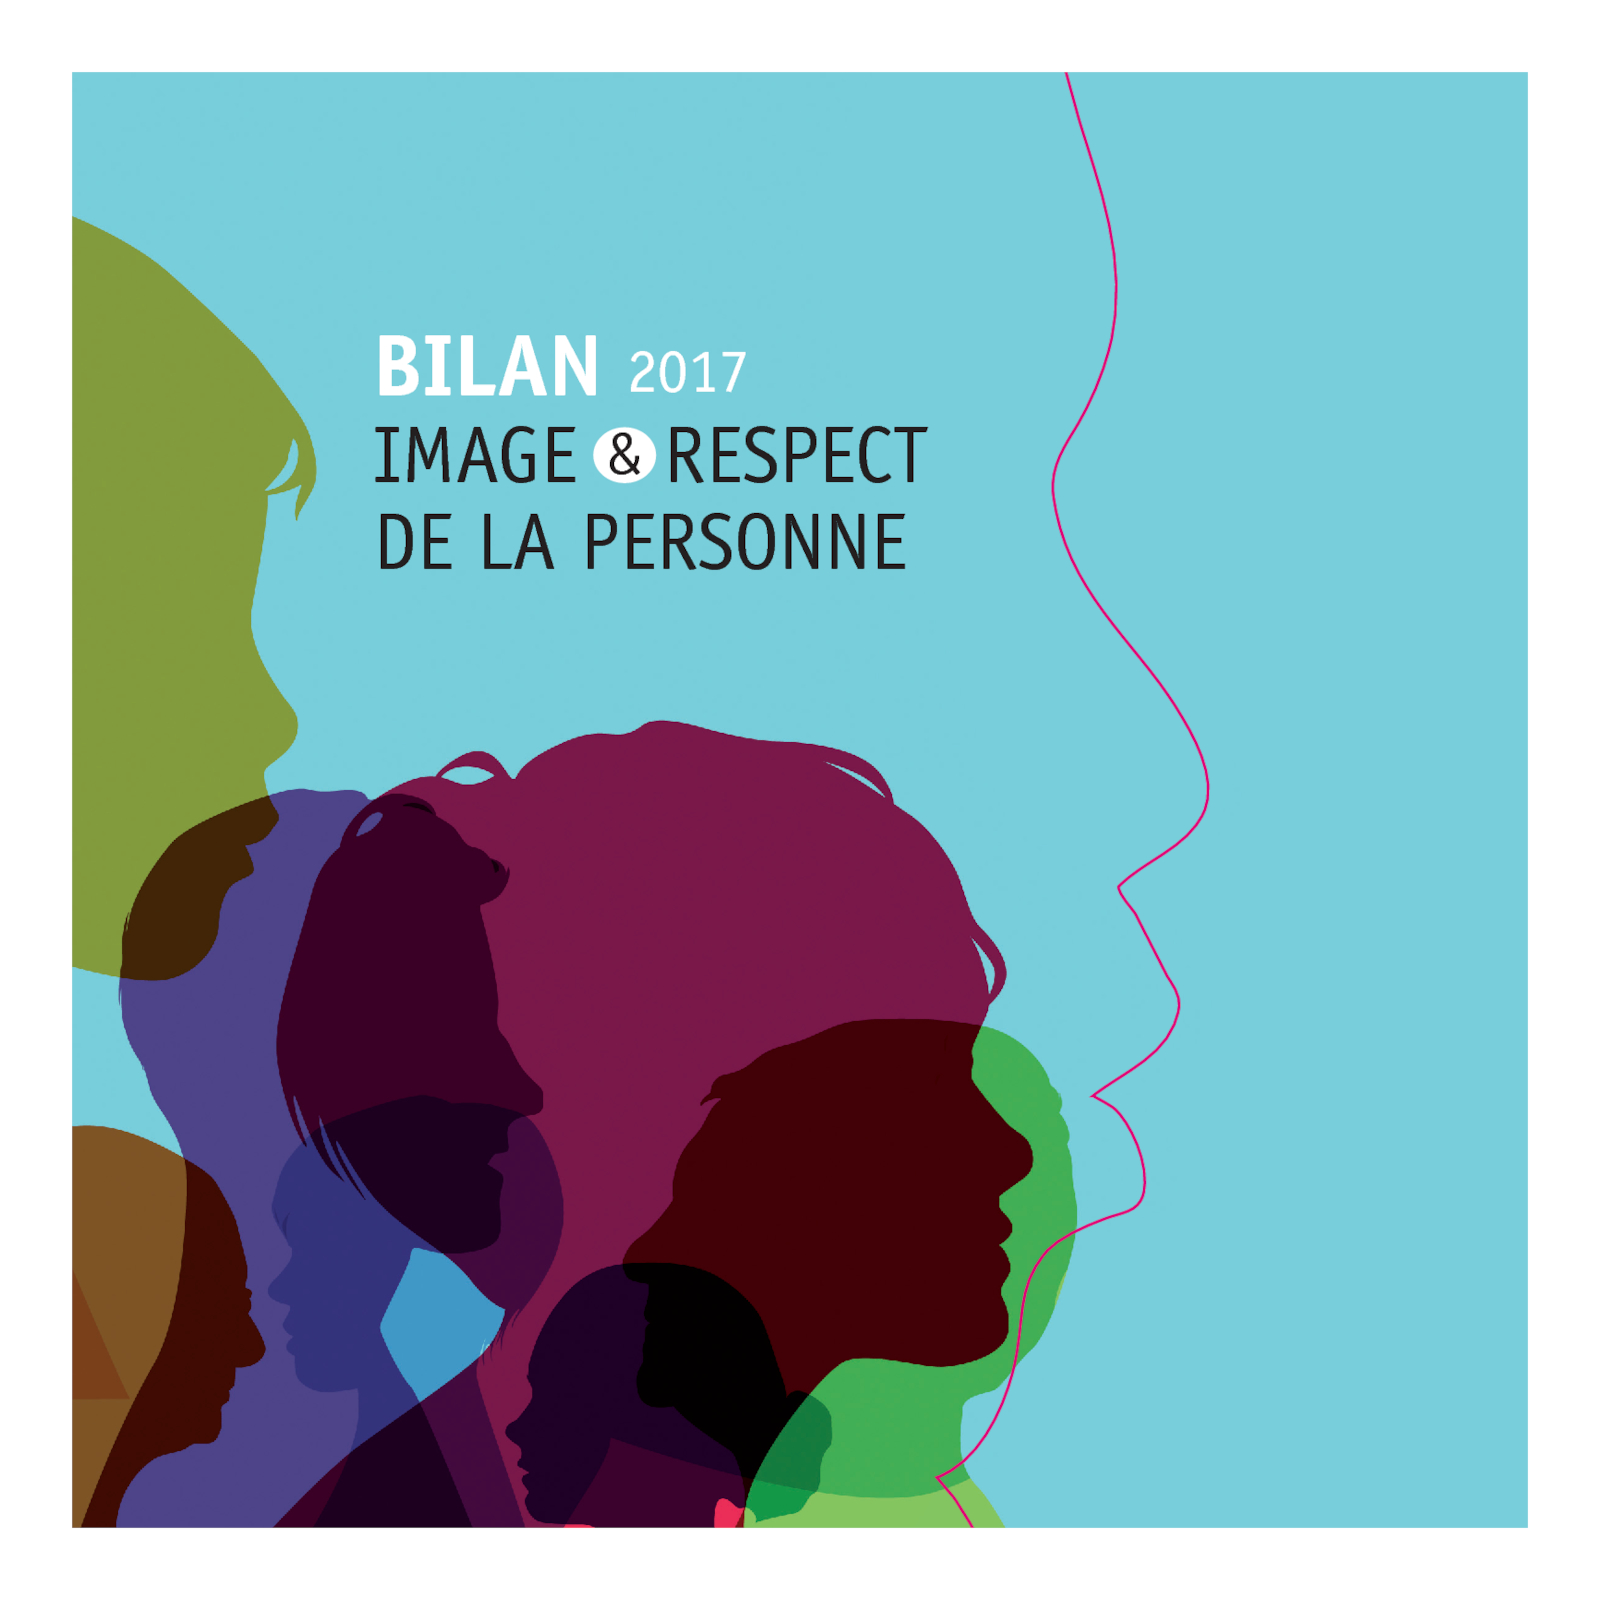 Bilan Publicité et Image et respect de la personne 2017